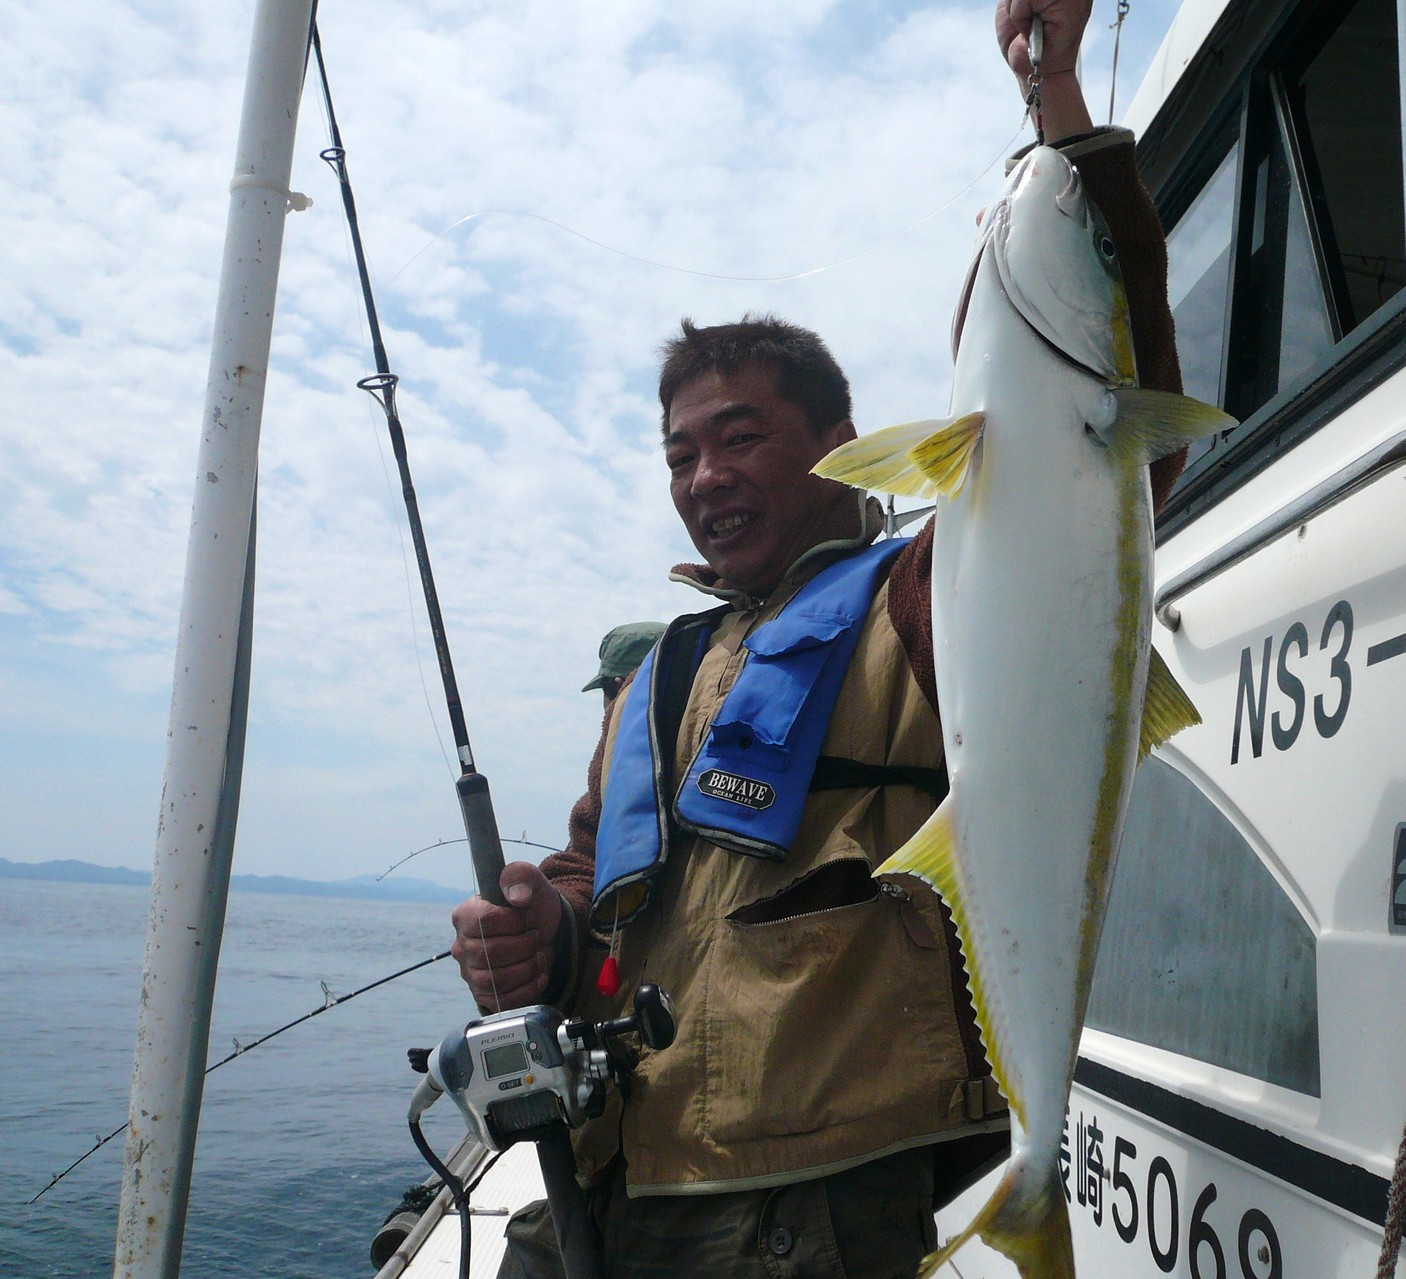 5月4日 バケモン(タイ釣り場)ポイント 有吉さん ヒラマサ いいサイズ